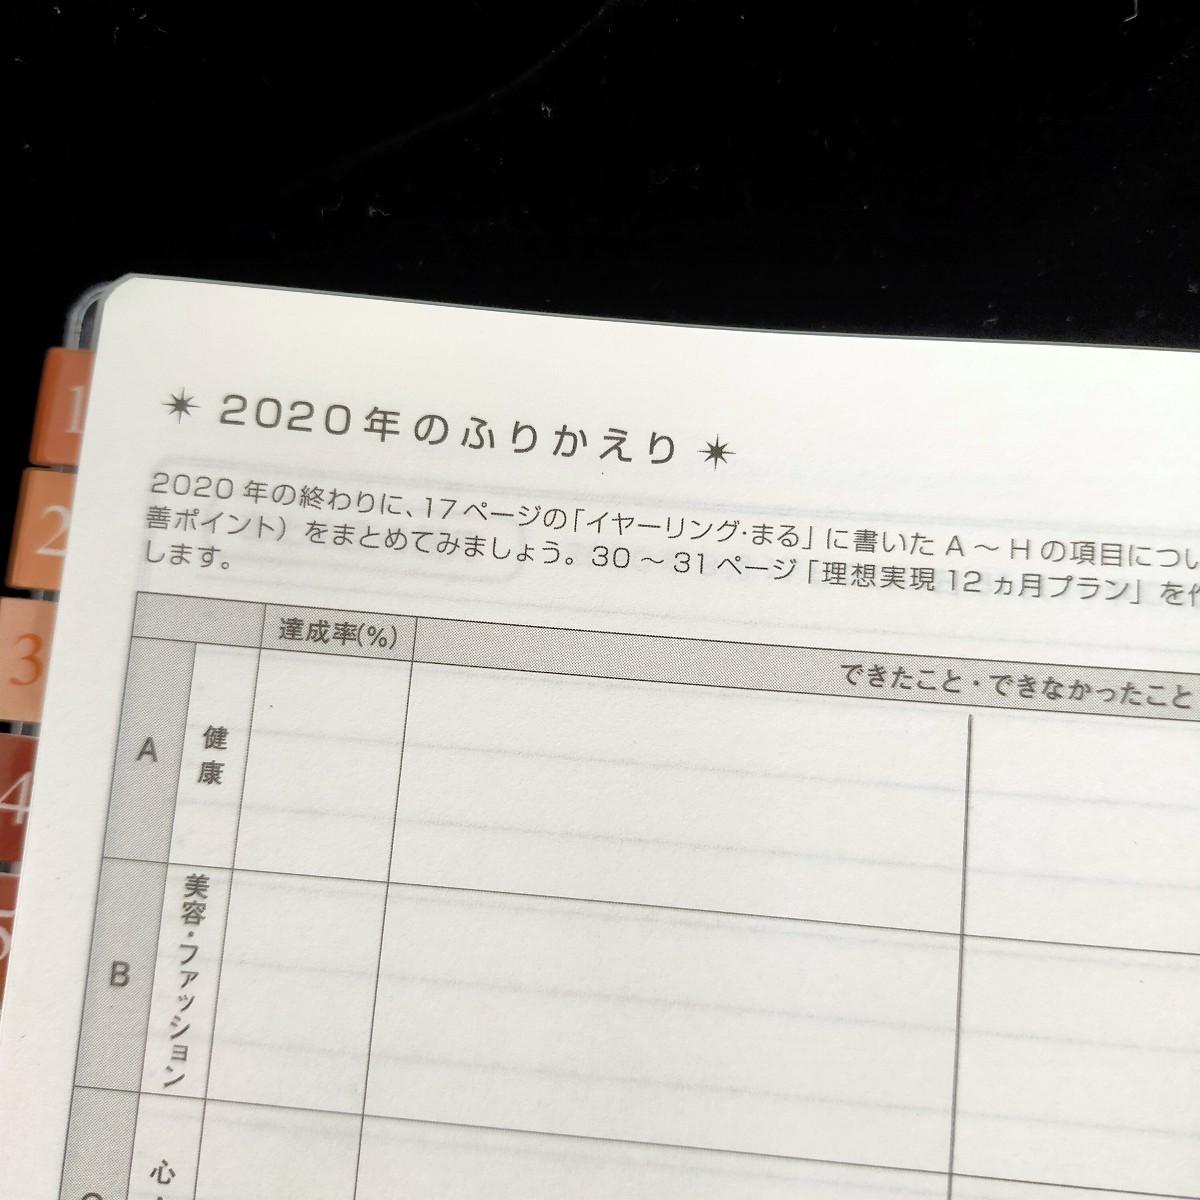 201231 今年の手帳納め❗「2020年のふりかえり」を書こう❗_f0164842_15154186.jpg